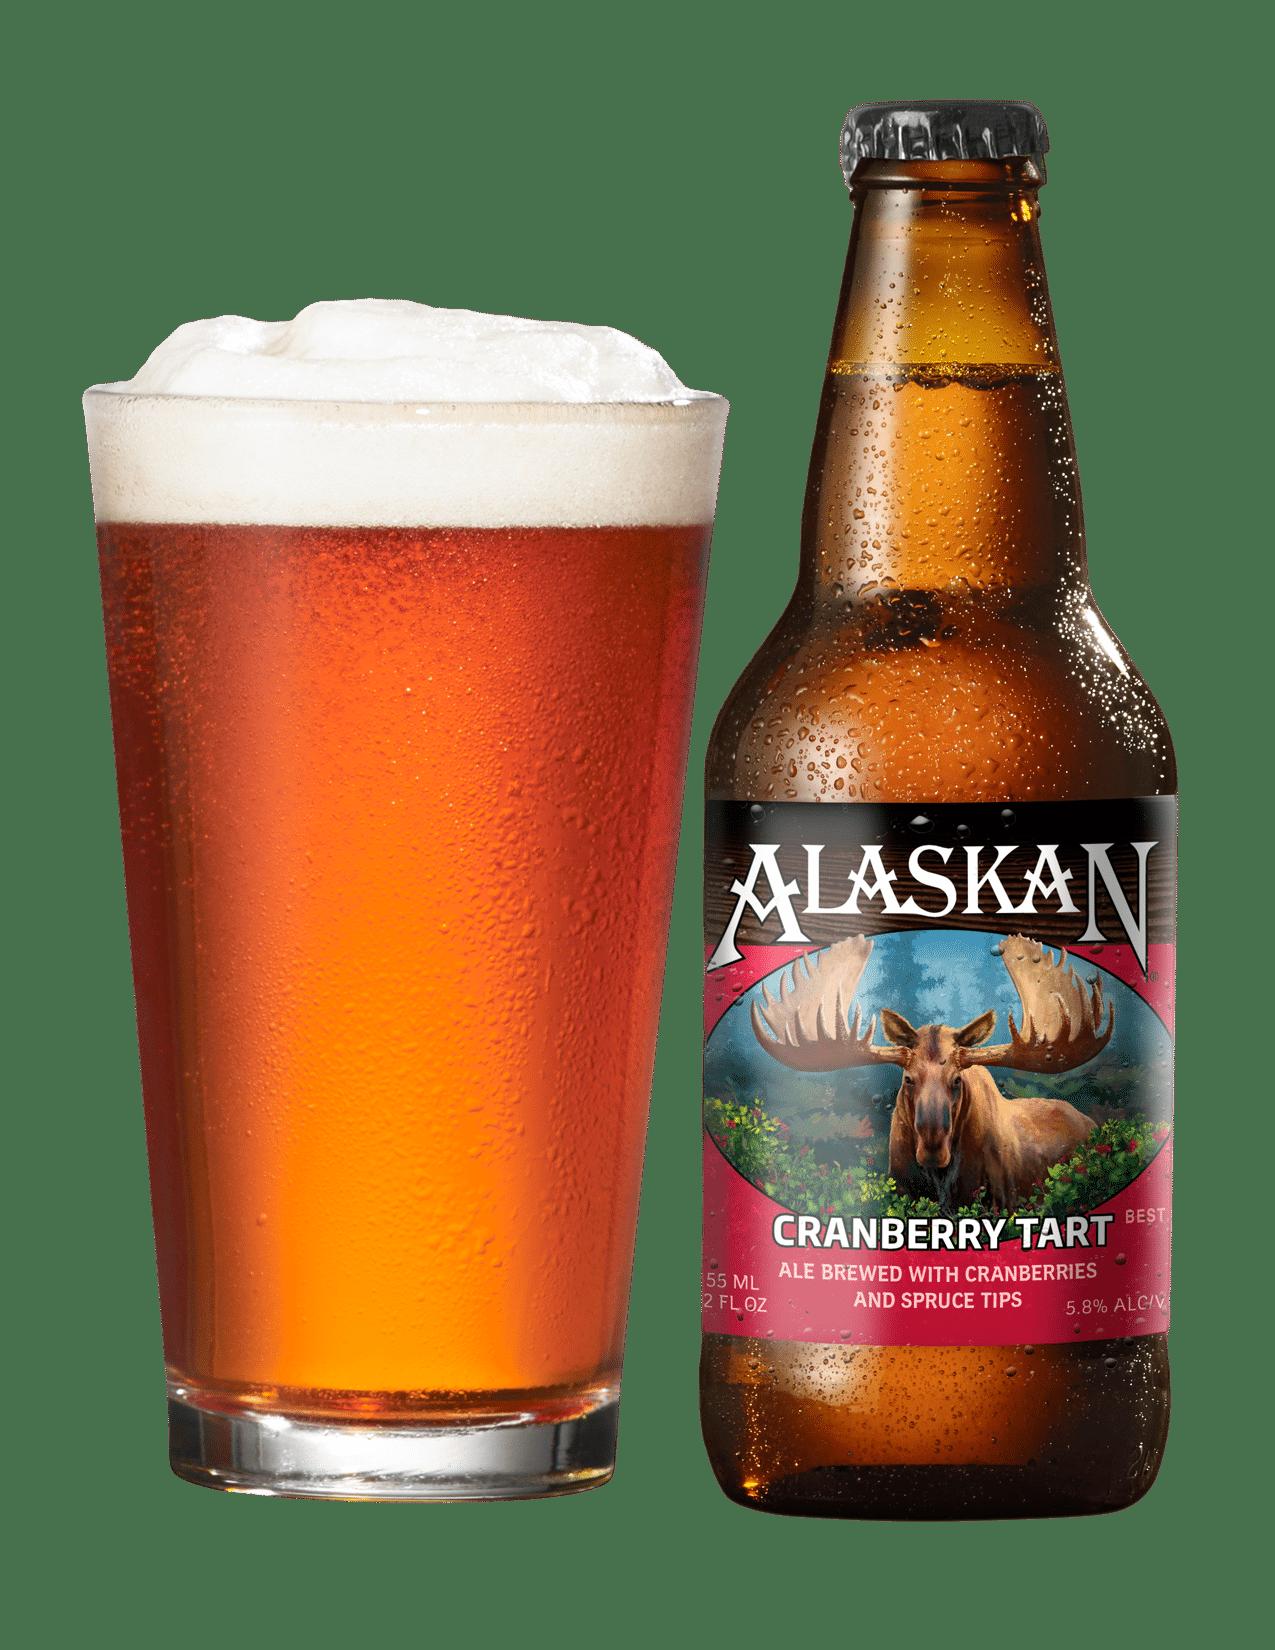 Alaskan Cranberry Tart Image